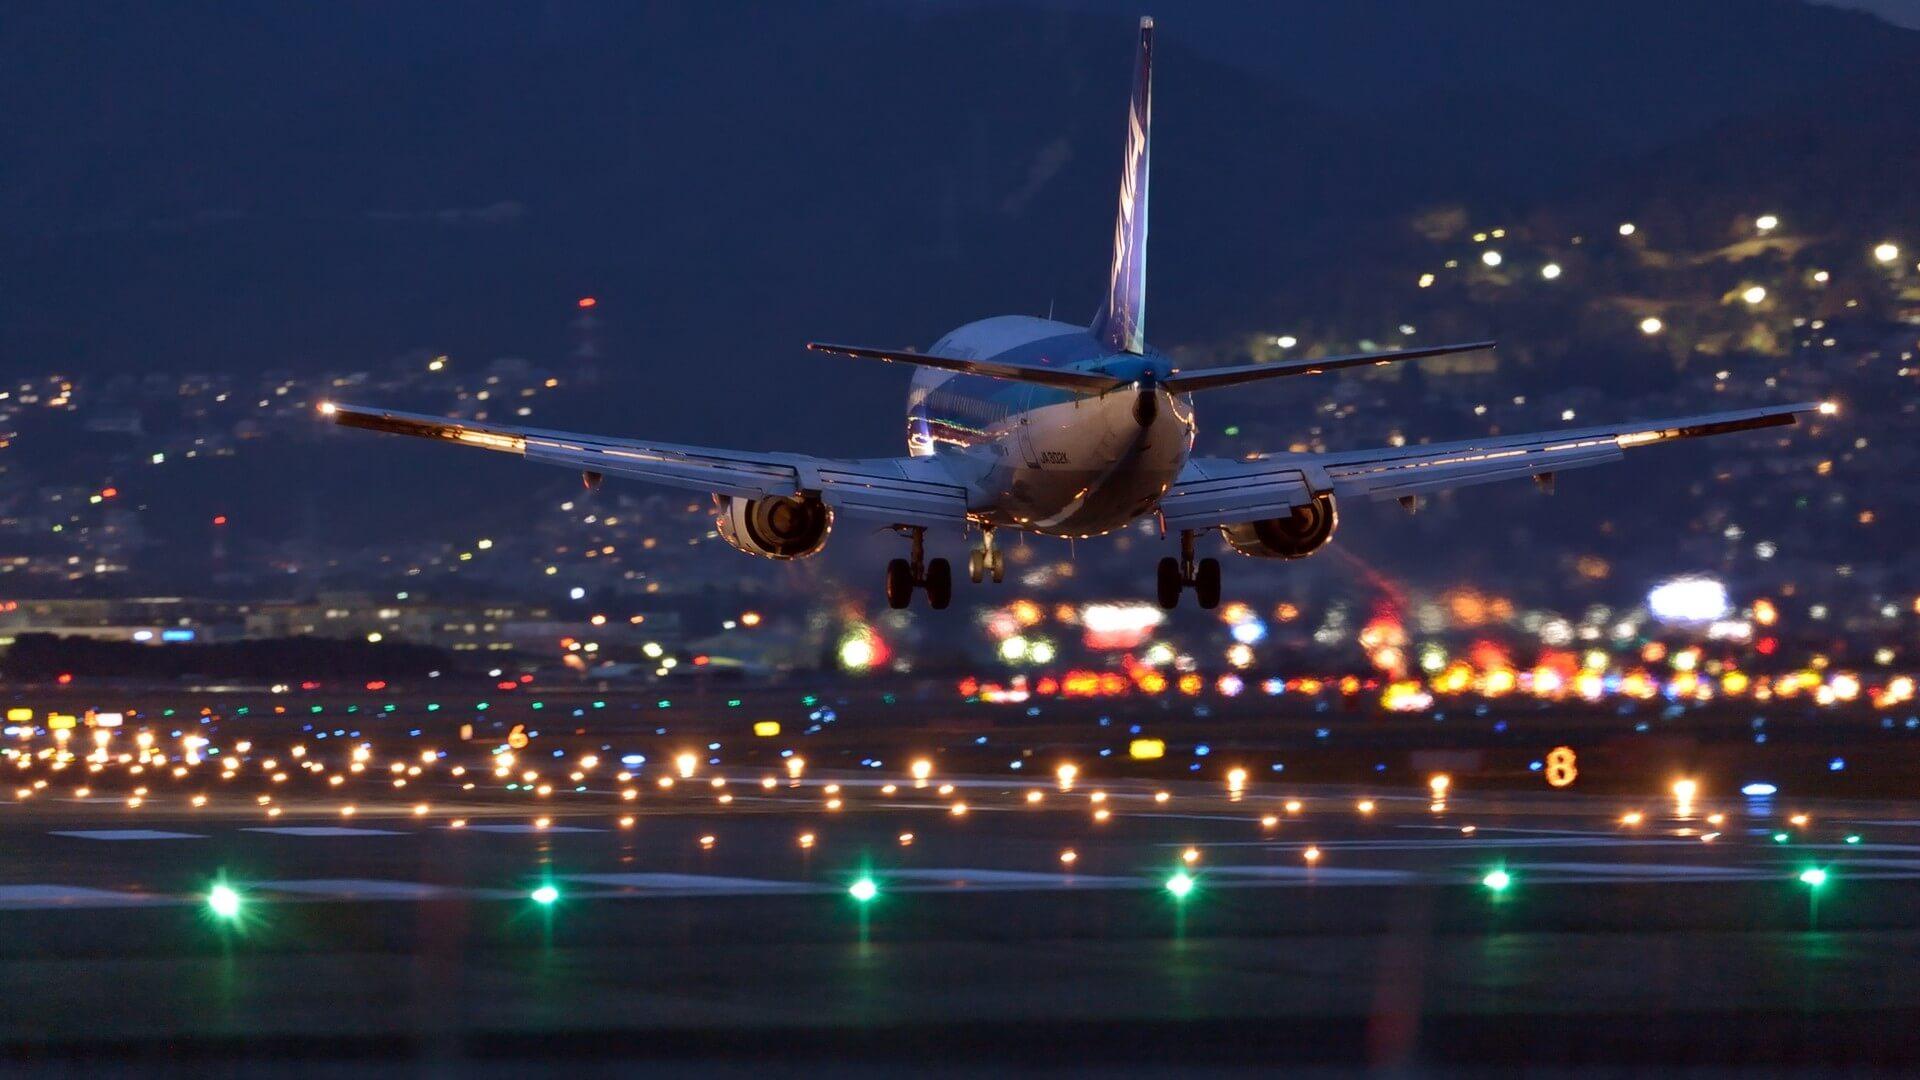 airbus-samolet-aeroport-noch-3547